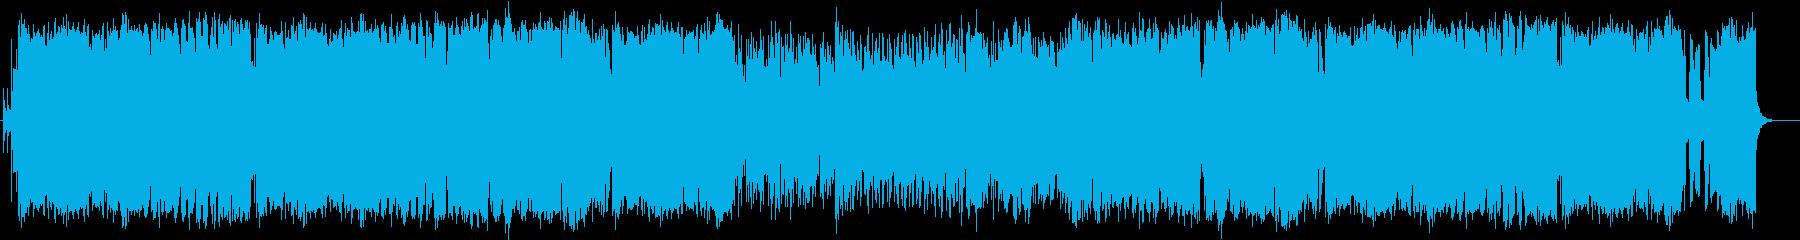 トランペットの激しいラテン風フュージョンの再生済みの波形